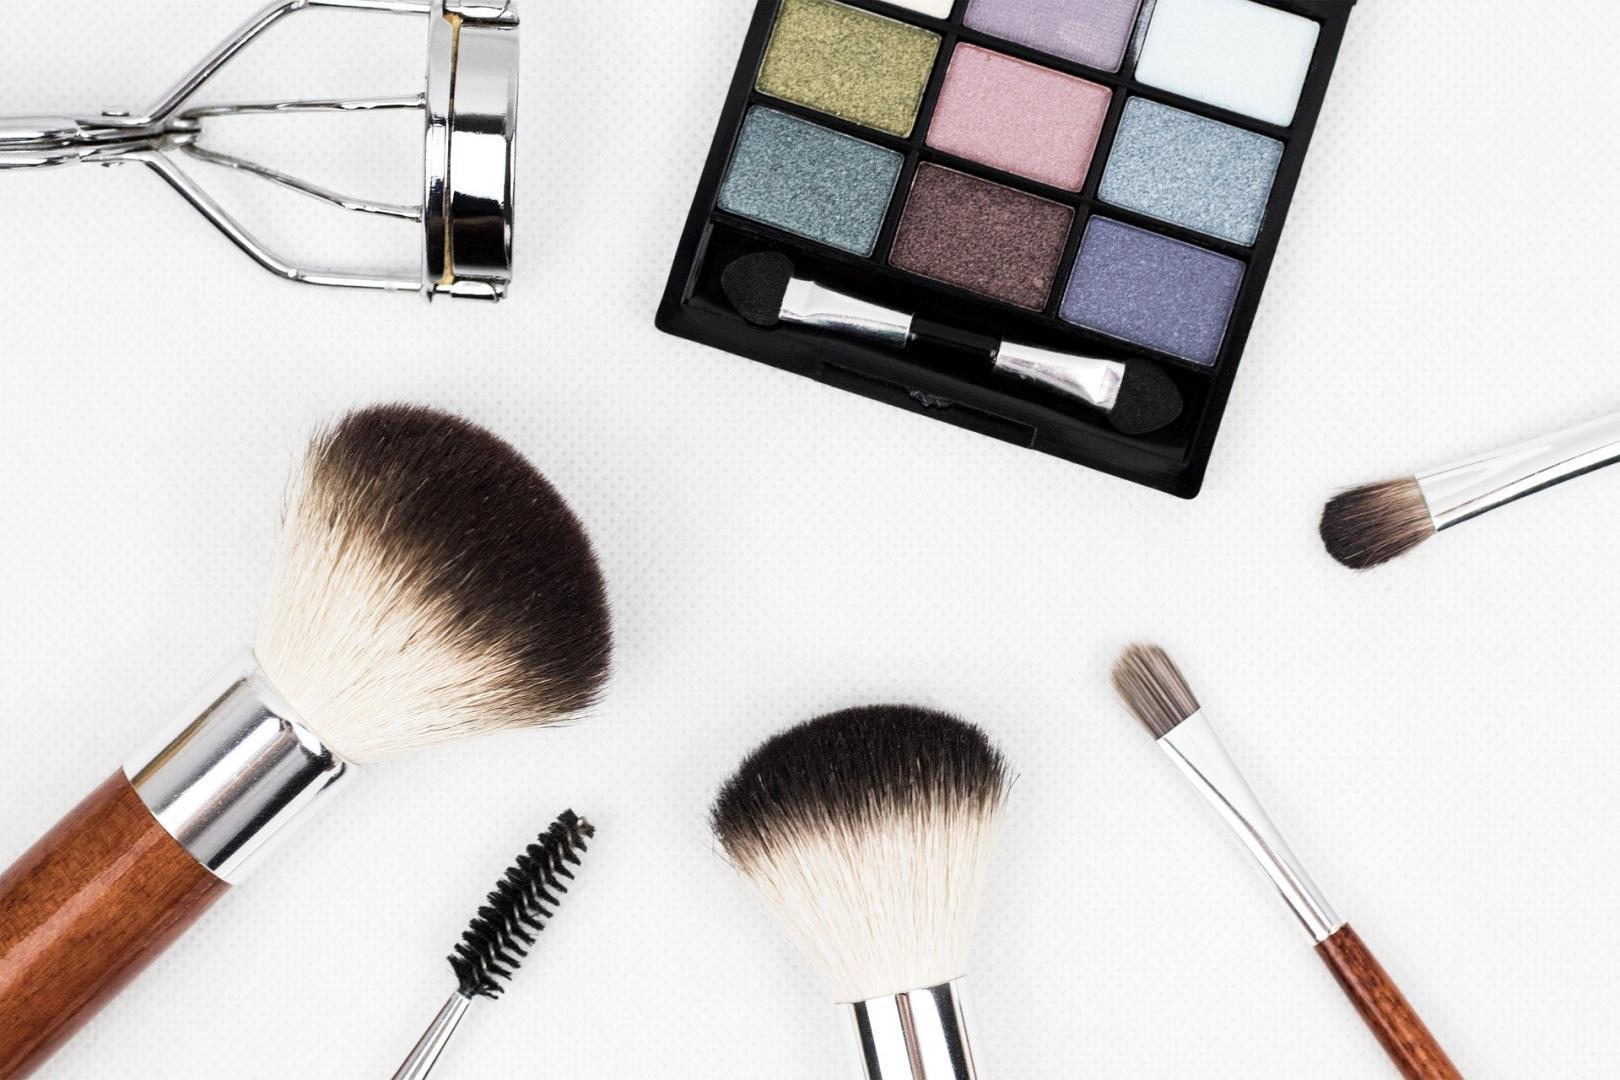 gefälschte kosmetik – so können sich verbraucher vor kopien